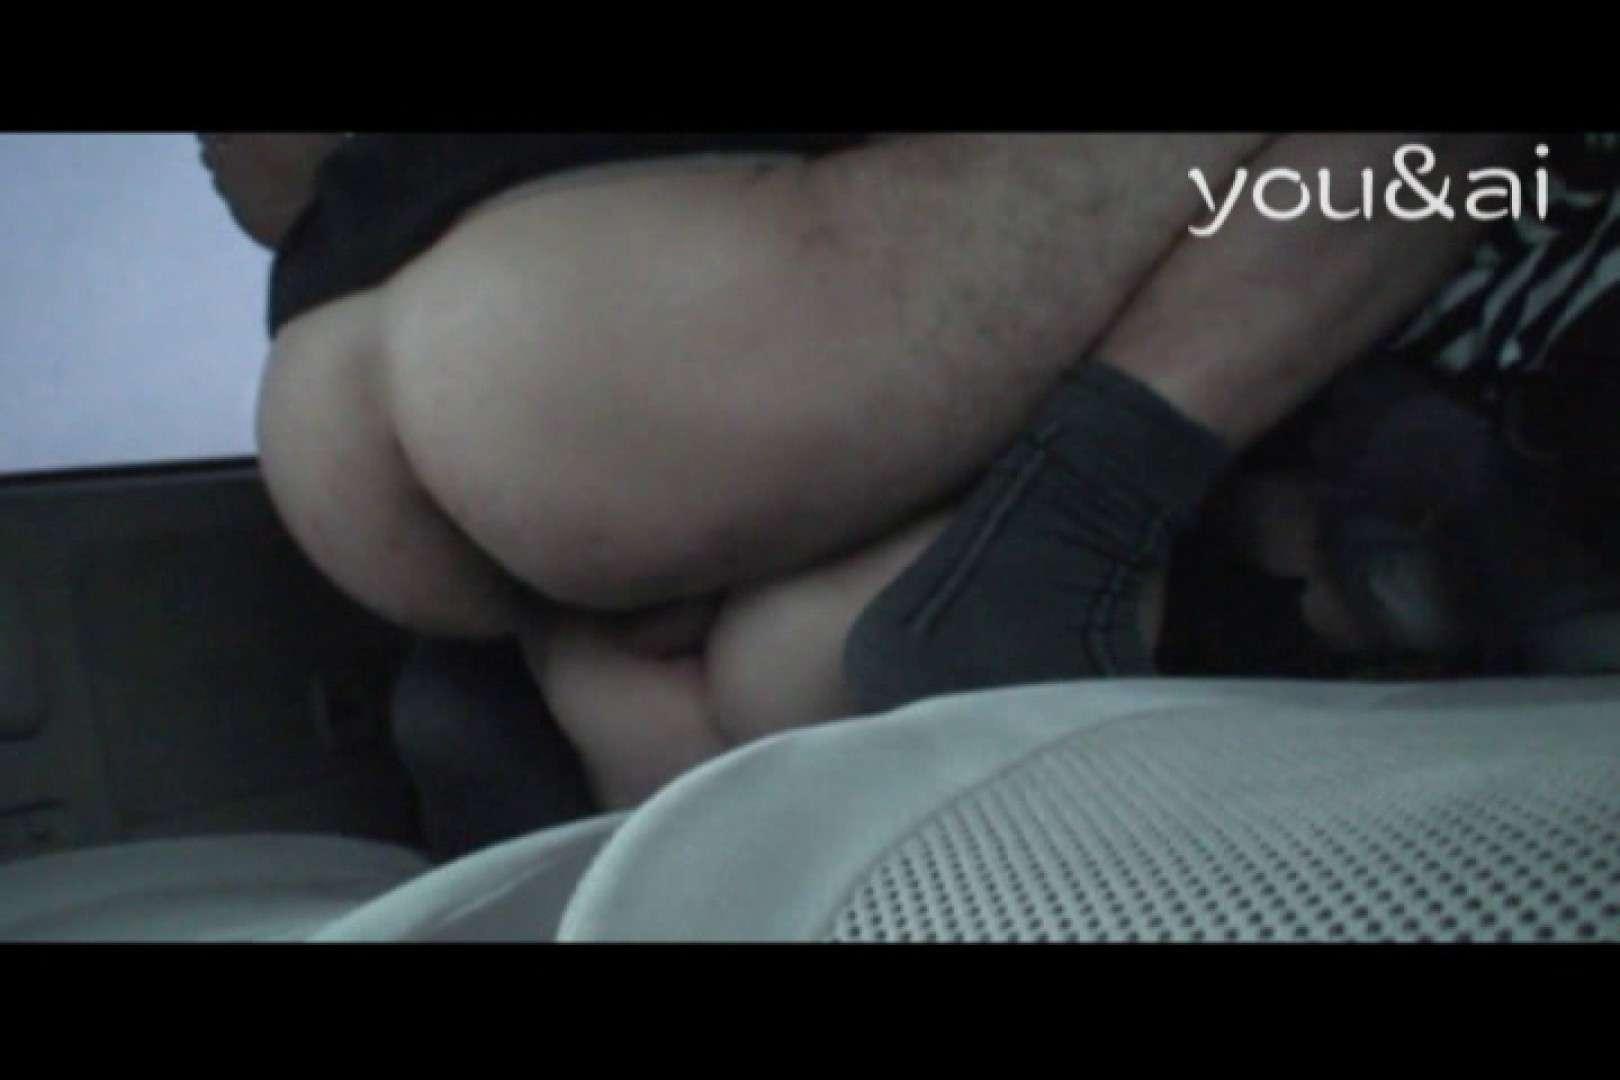 おしどり夫婦のyou&aiさん投稿作品vol.8 投稿 オマンコ動画キャプチャ 112pic 93